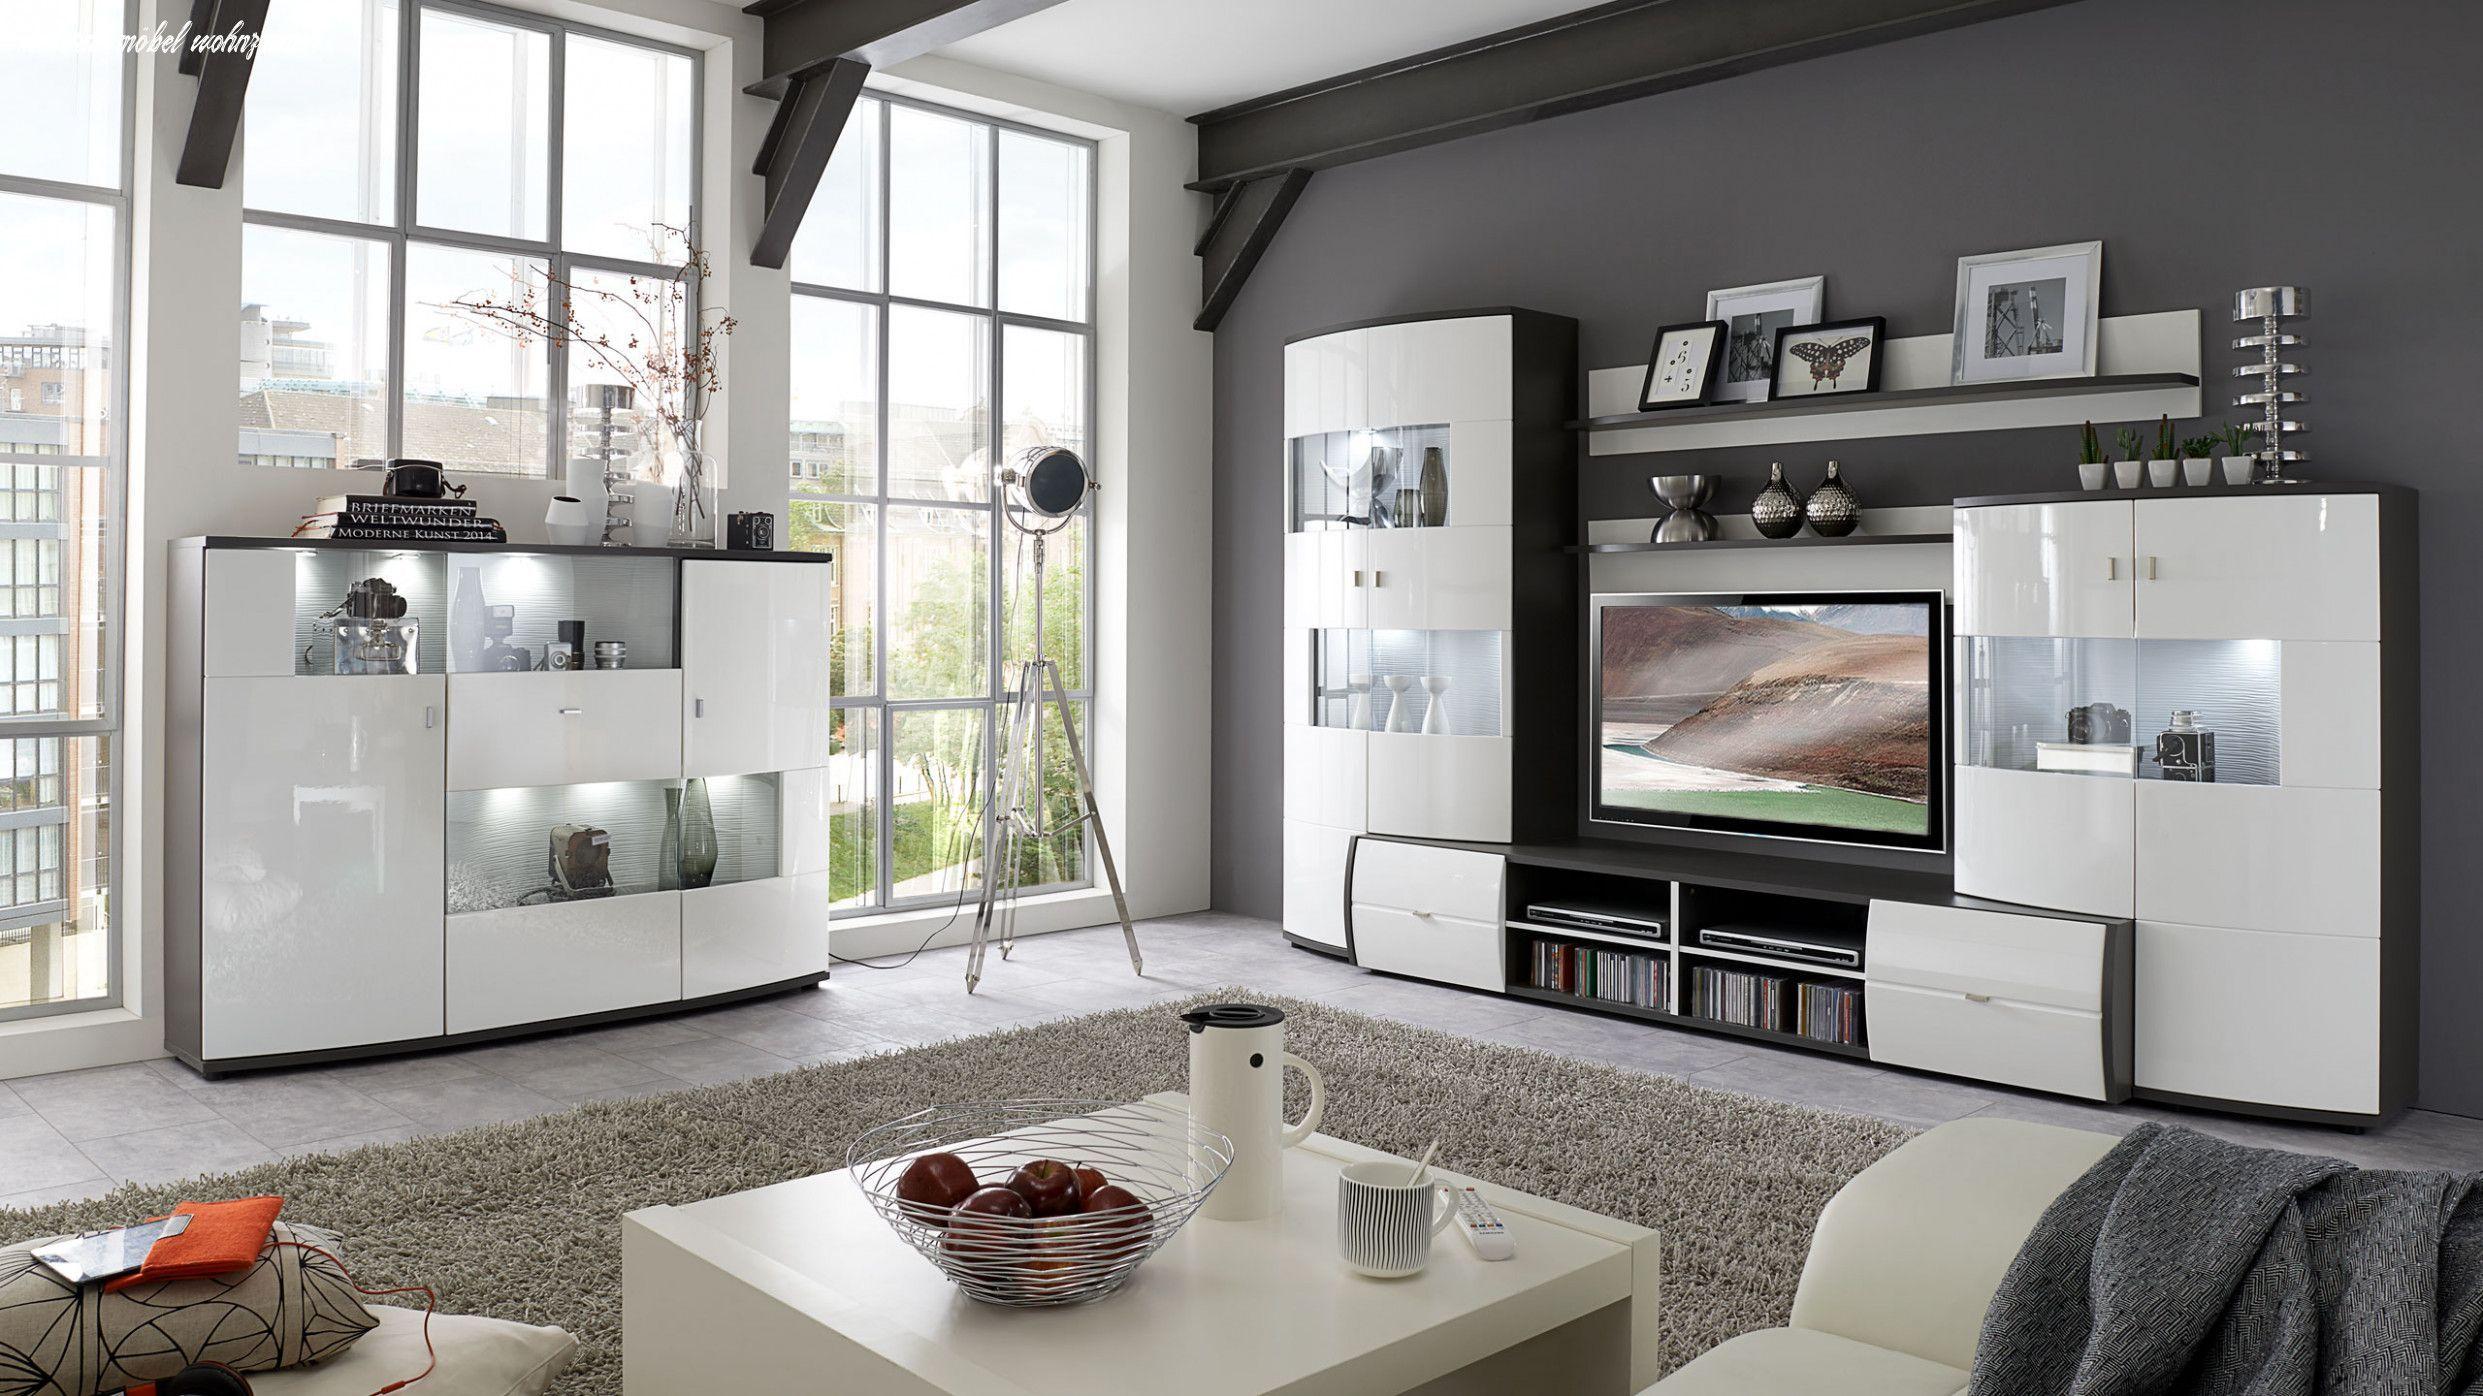 Fine Was Sie Zu Moderne Möbel Wohnzimmer Tragen Sollten Check More At Www Youtoopan Com Fin Wohnzimmer Einrichten Möbel Wohnzimmer Möbel Fürs Wohnzimmer